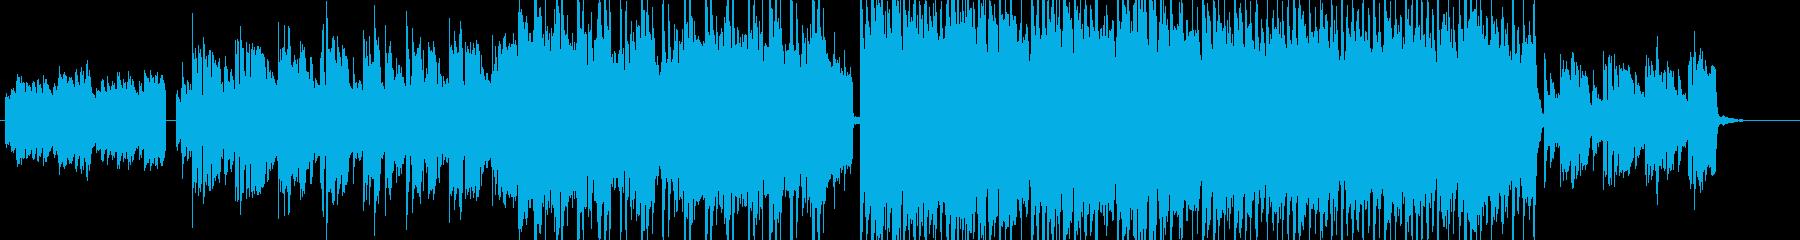 女声×カントリーな洋楽Pops/Folkの再生済みの波形